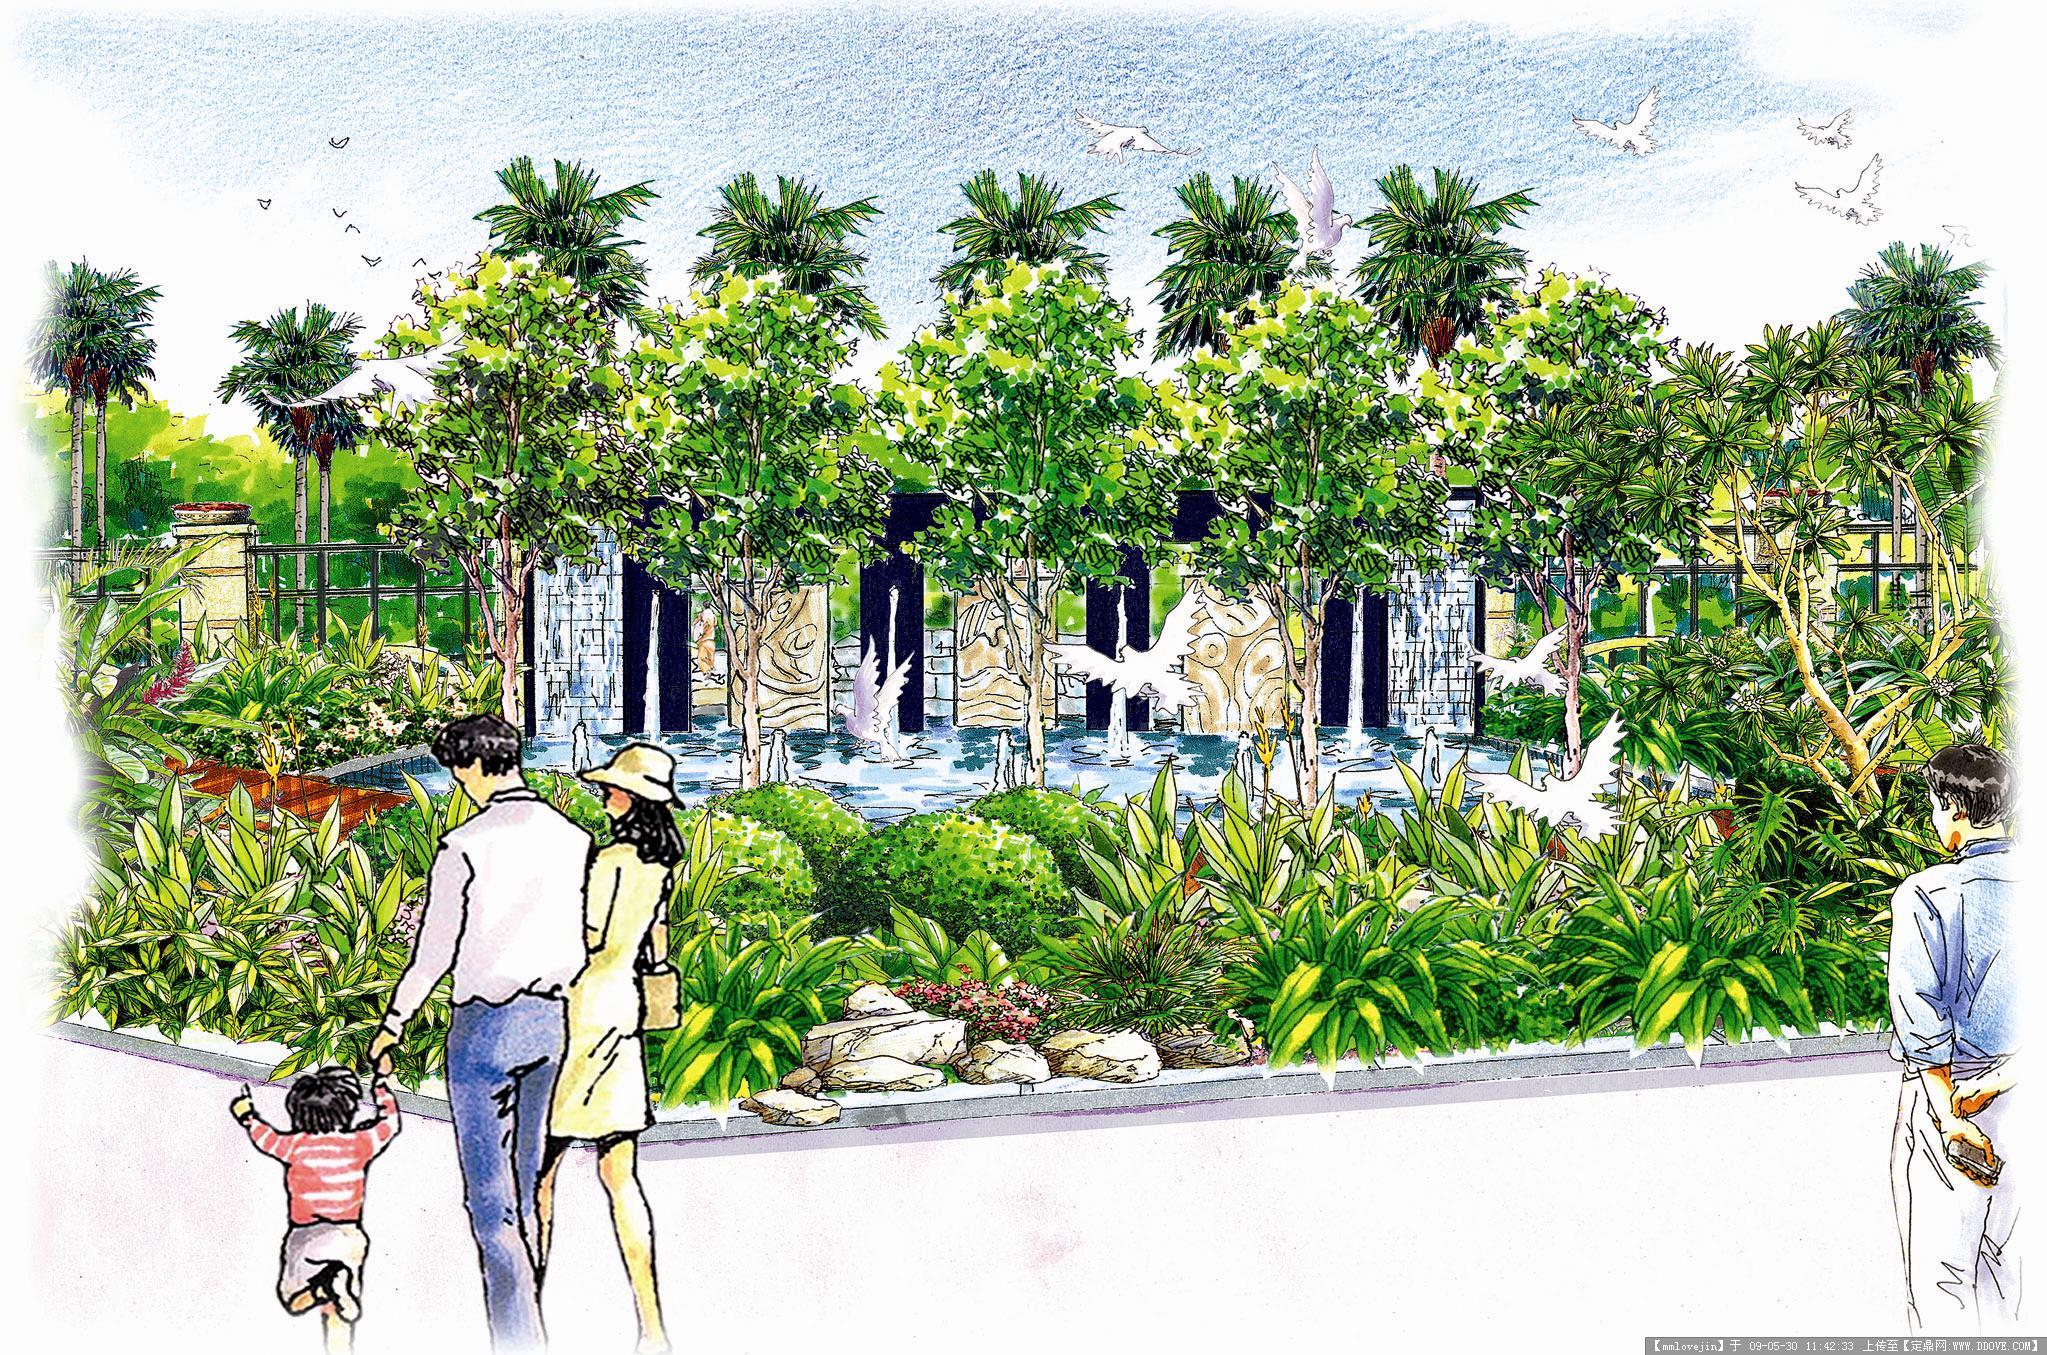 马克笔手绘效果图的图片浏览,园林效 果图,手绘效果,.